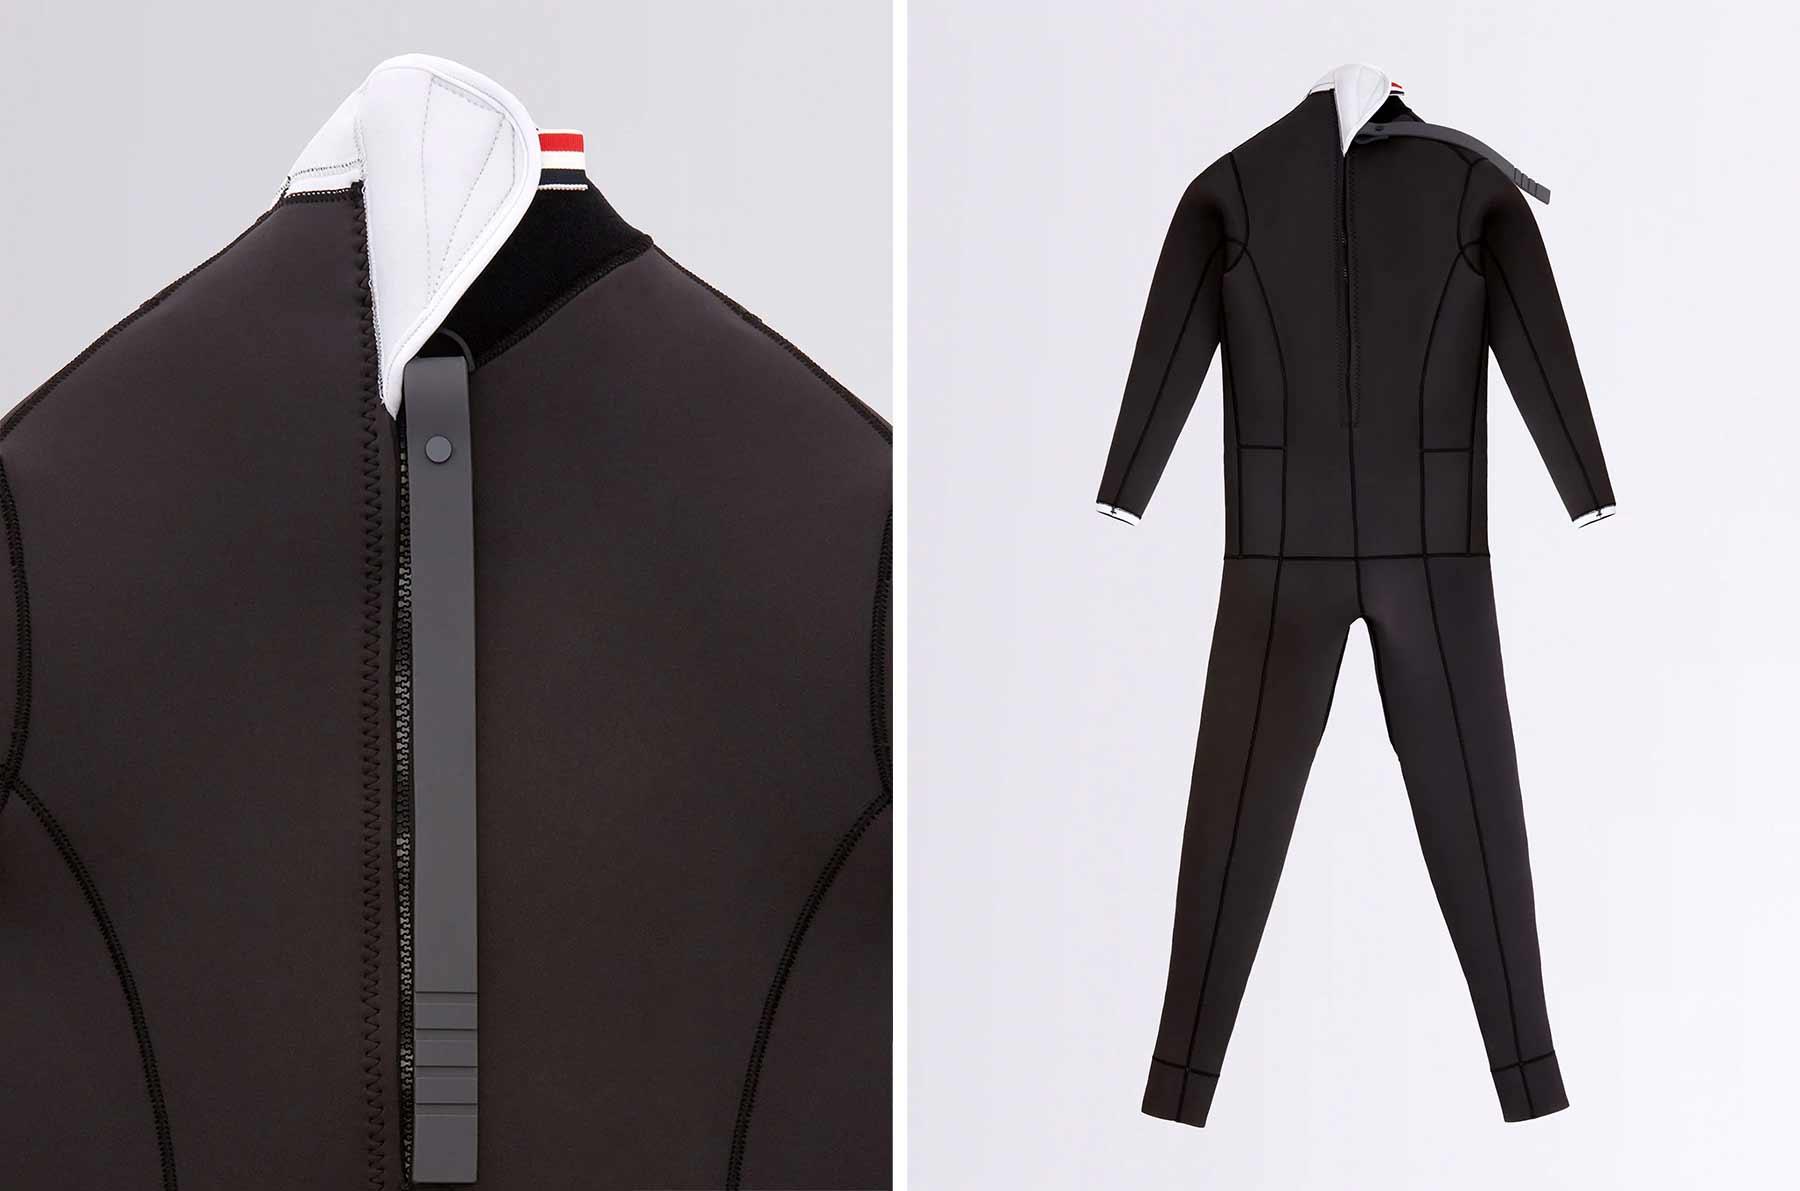 Wetsuit, der wie ein Smoking aussieht thom-browne-wetsuit-tuxedo-Wayne-Lawrence_04